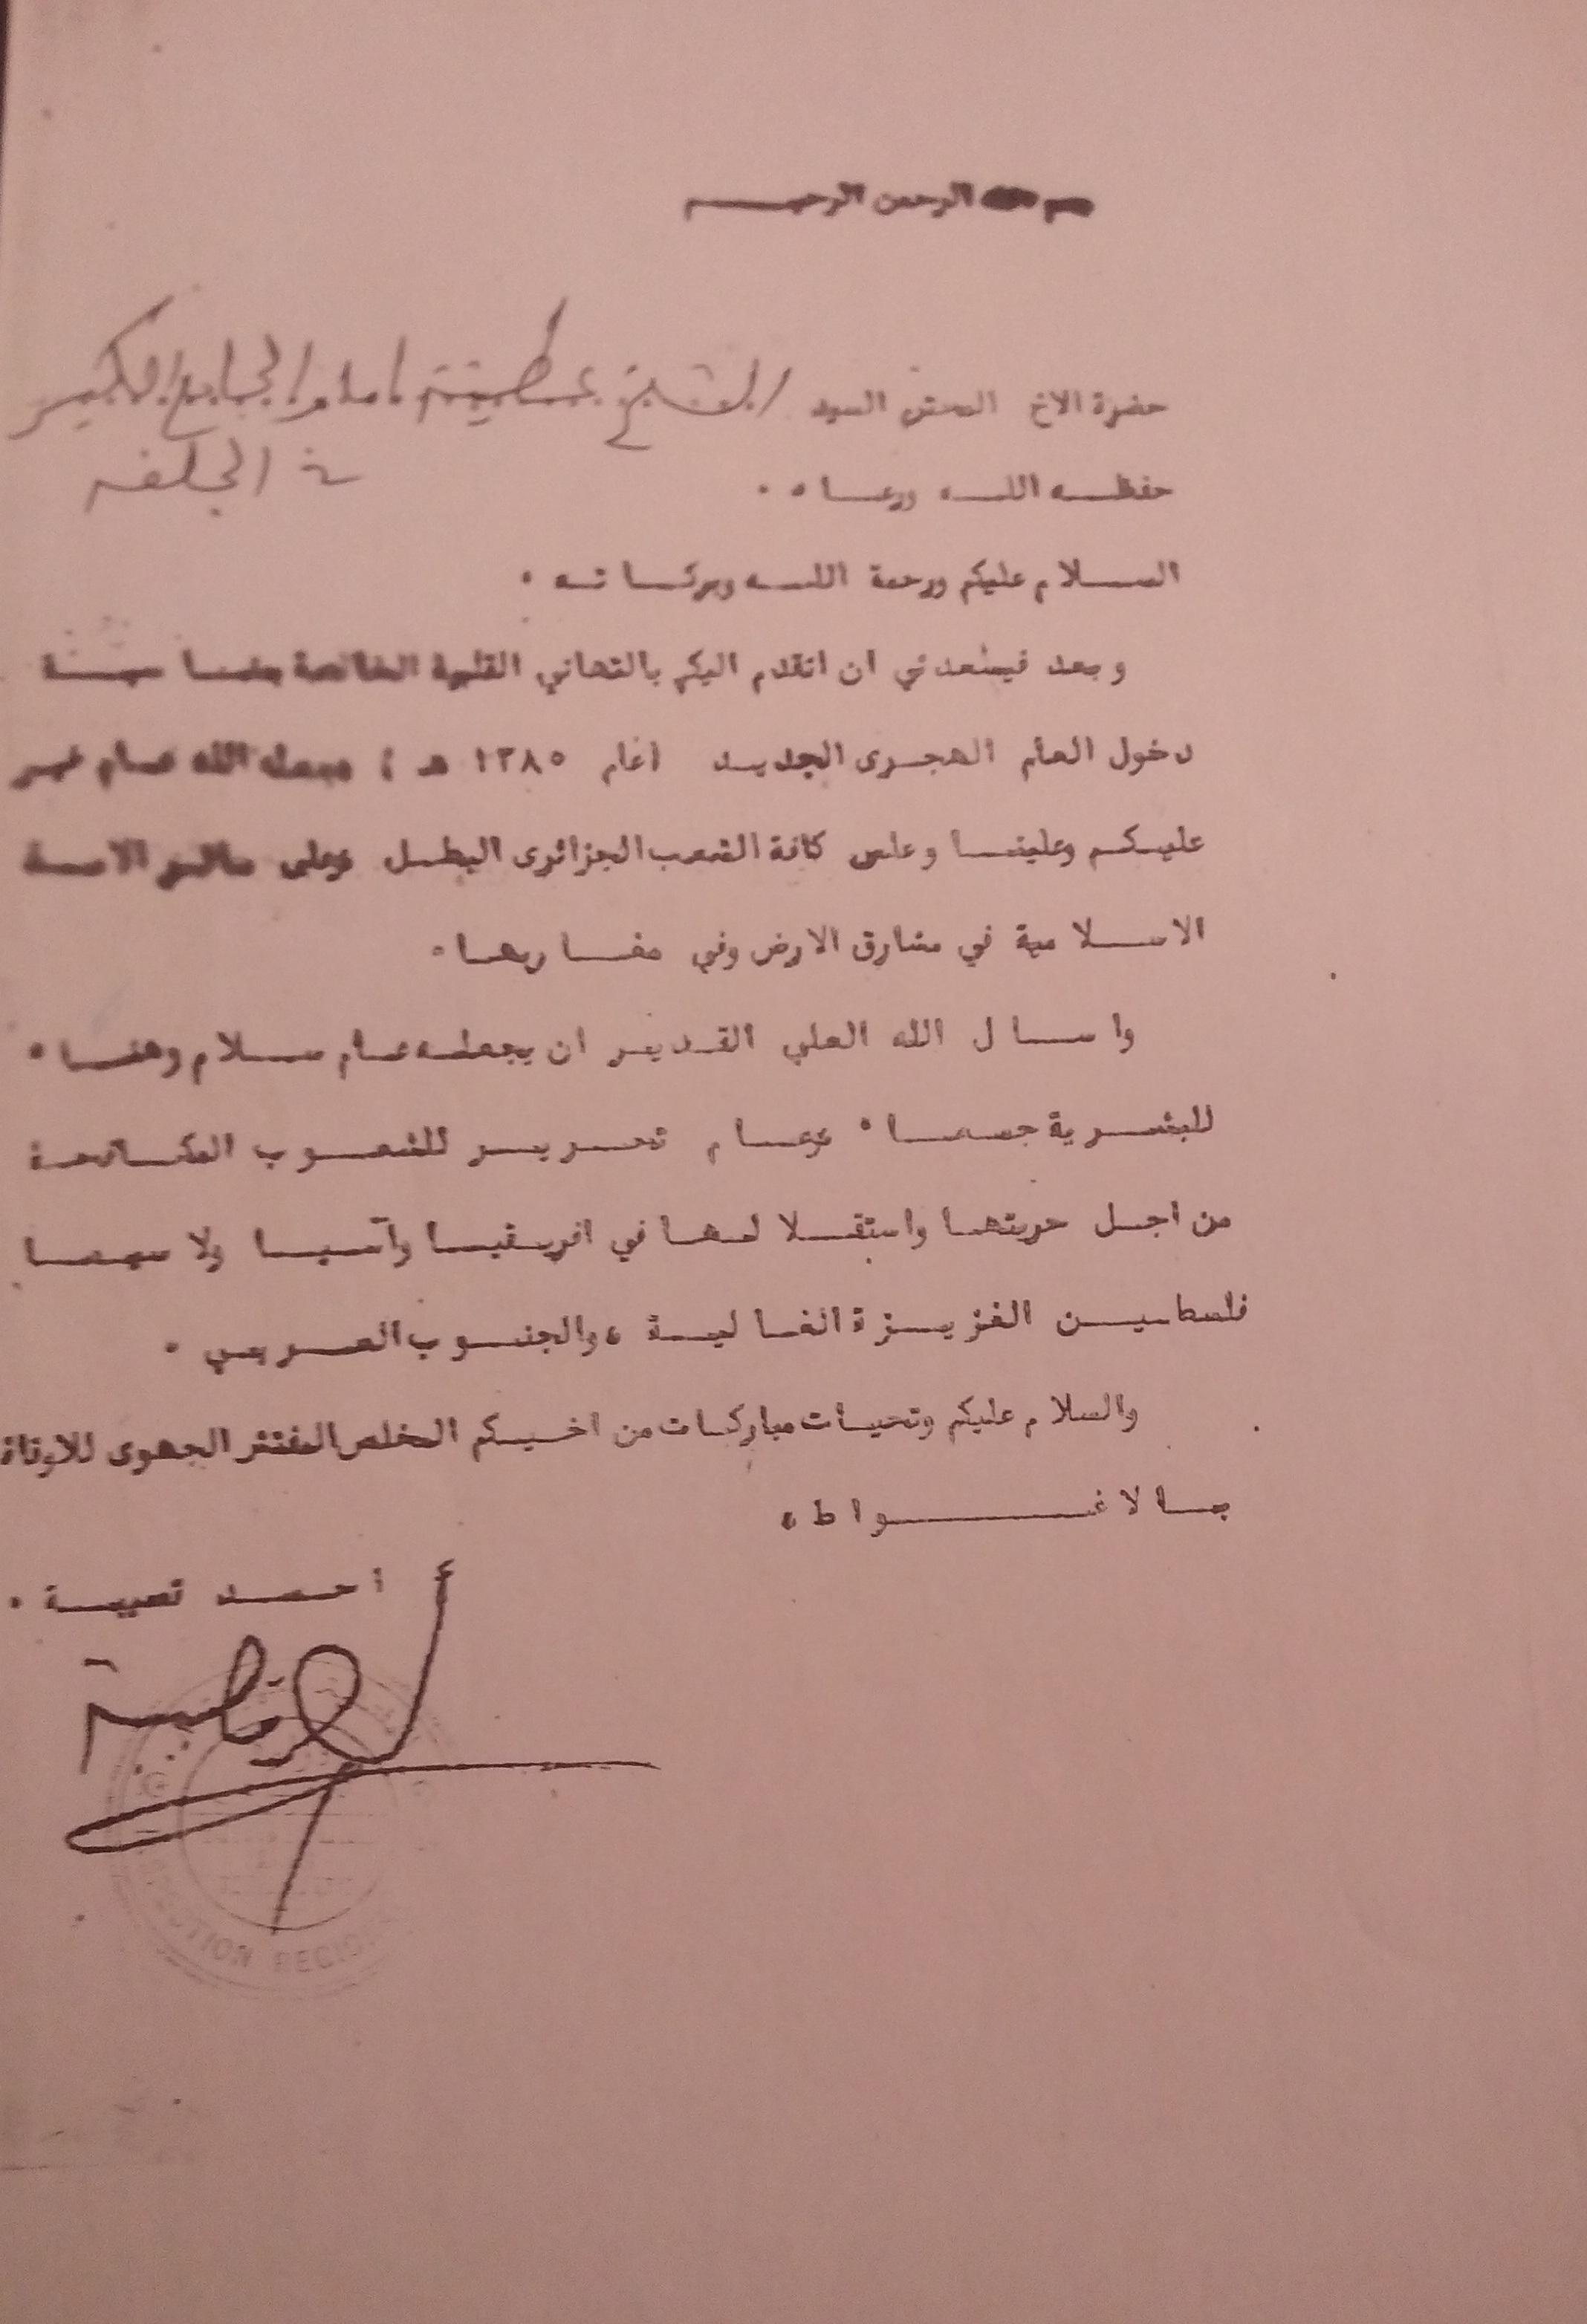 رسالة معايدة من الشيخ أحمد قصيبة المفتش الجهوي للأوقاف